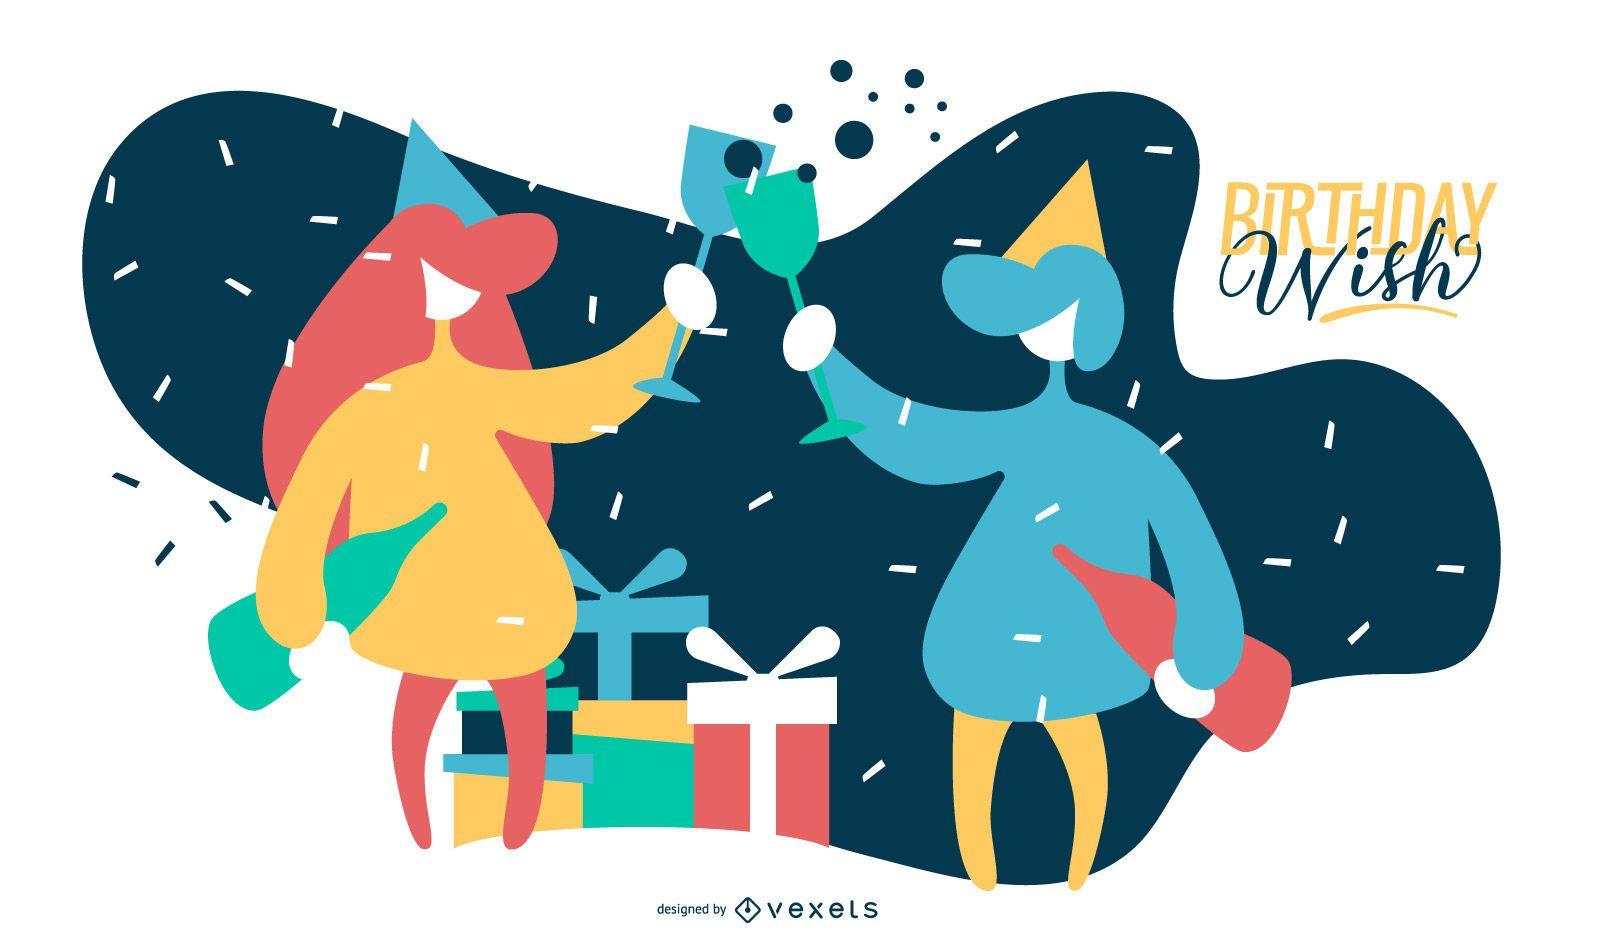 Birthday wish flat illustration